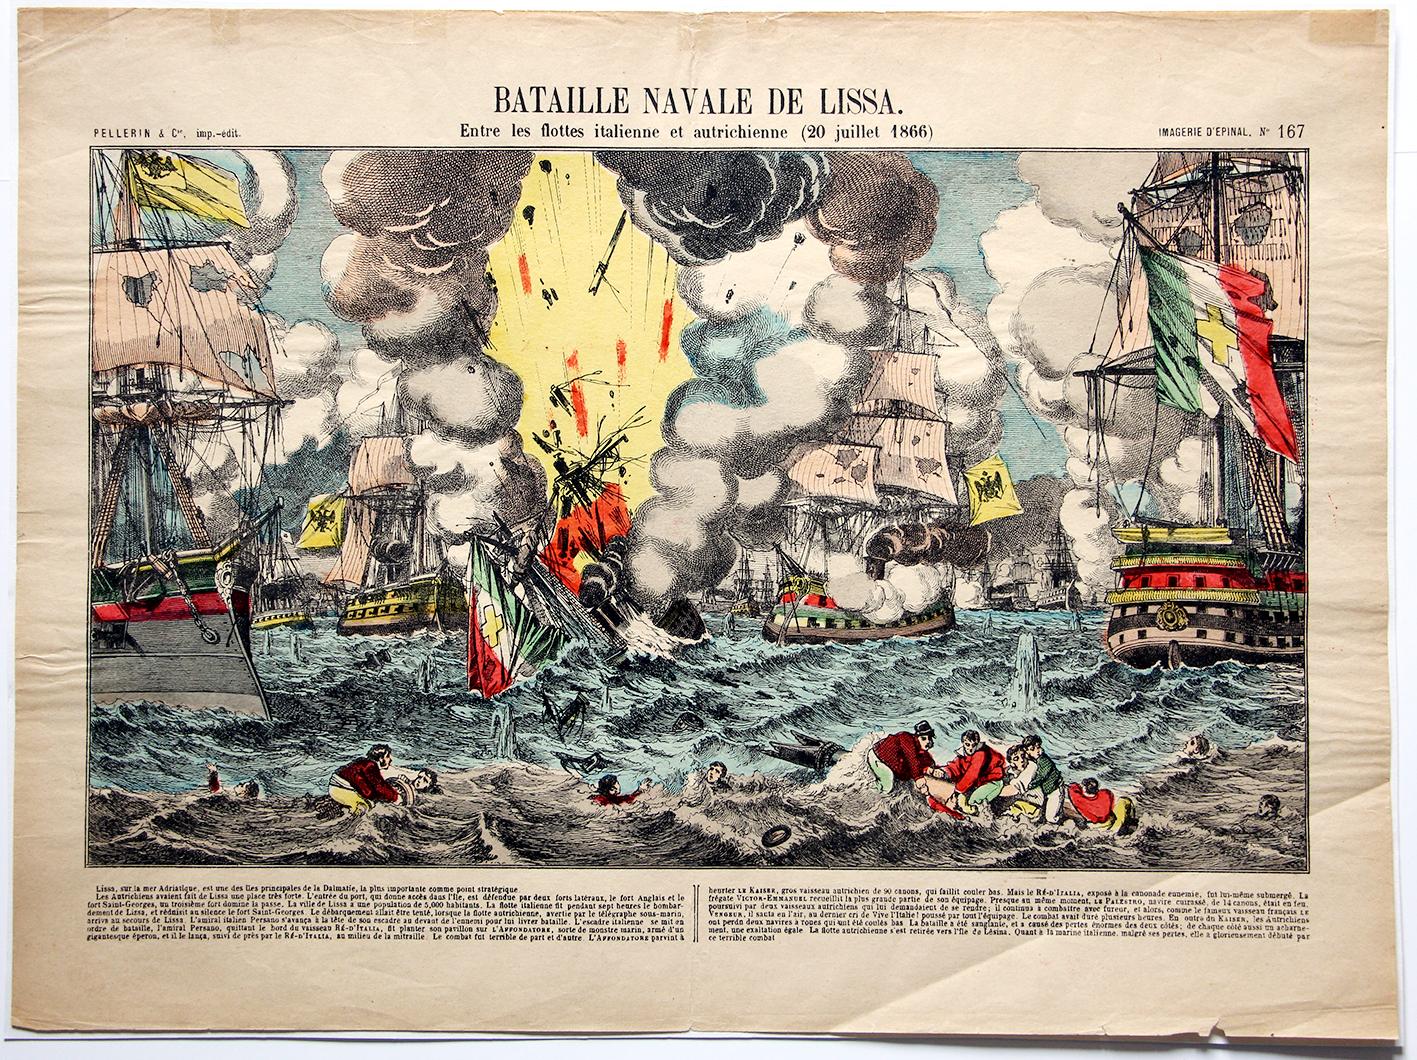 Planche imagerie Epinal - Bataille Navale de Lissa 1866 - Imagerie Populaire - Planche N°167 - Guerre 1866 - Flotte - Marine - Italie - Autriche